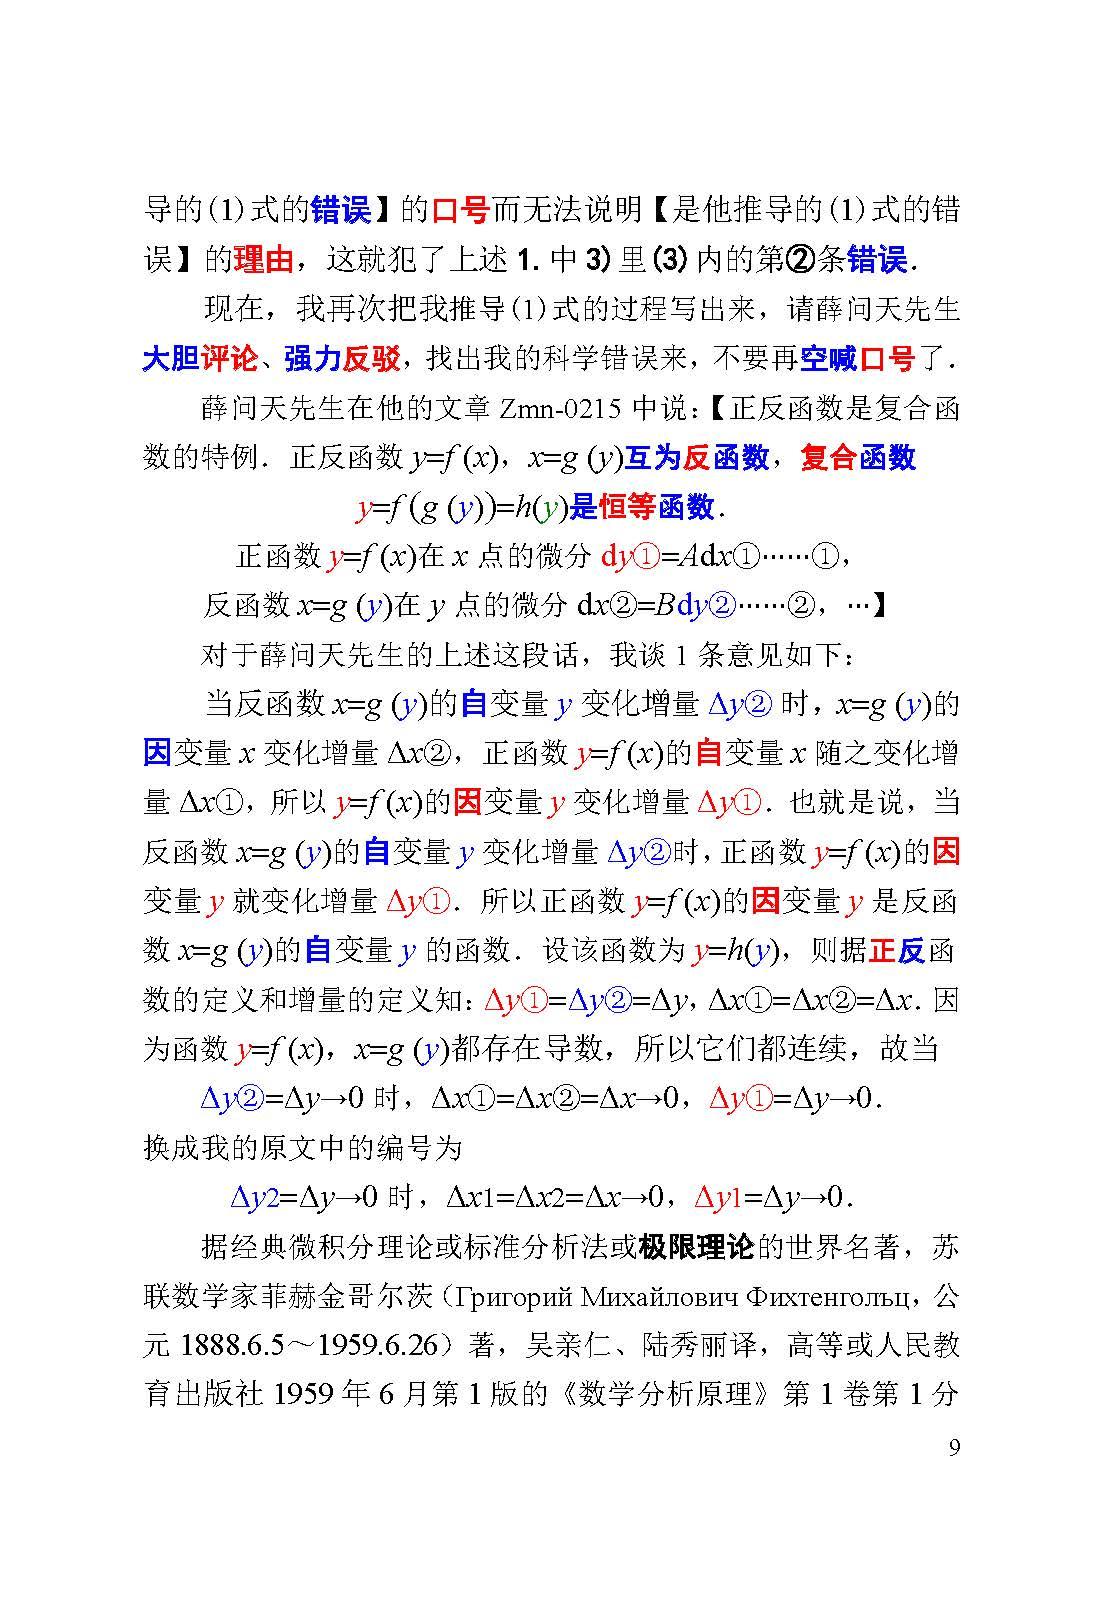 36_09.jpg